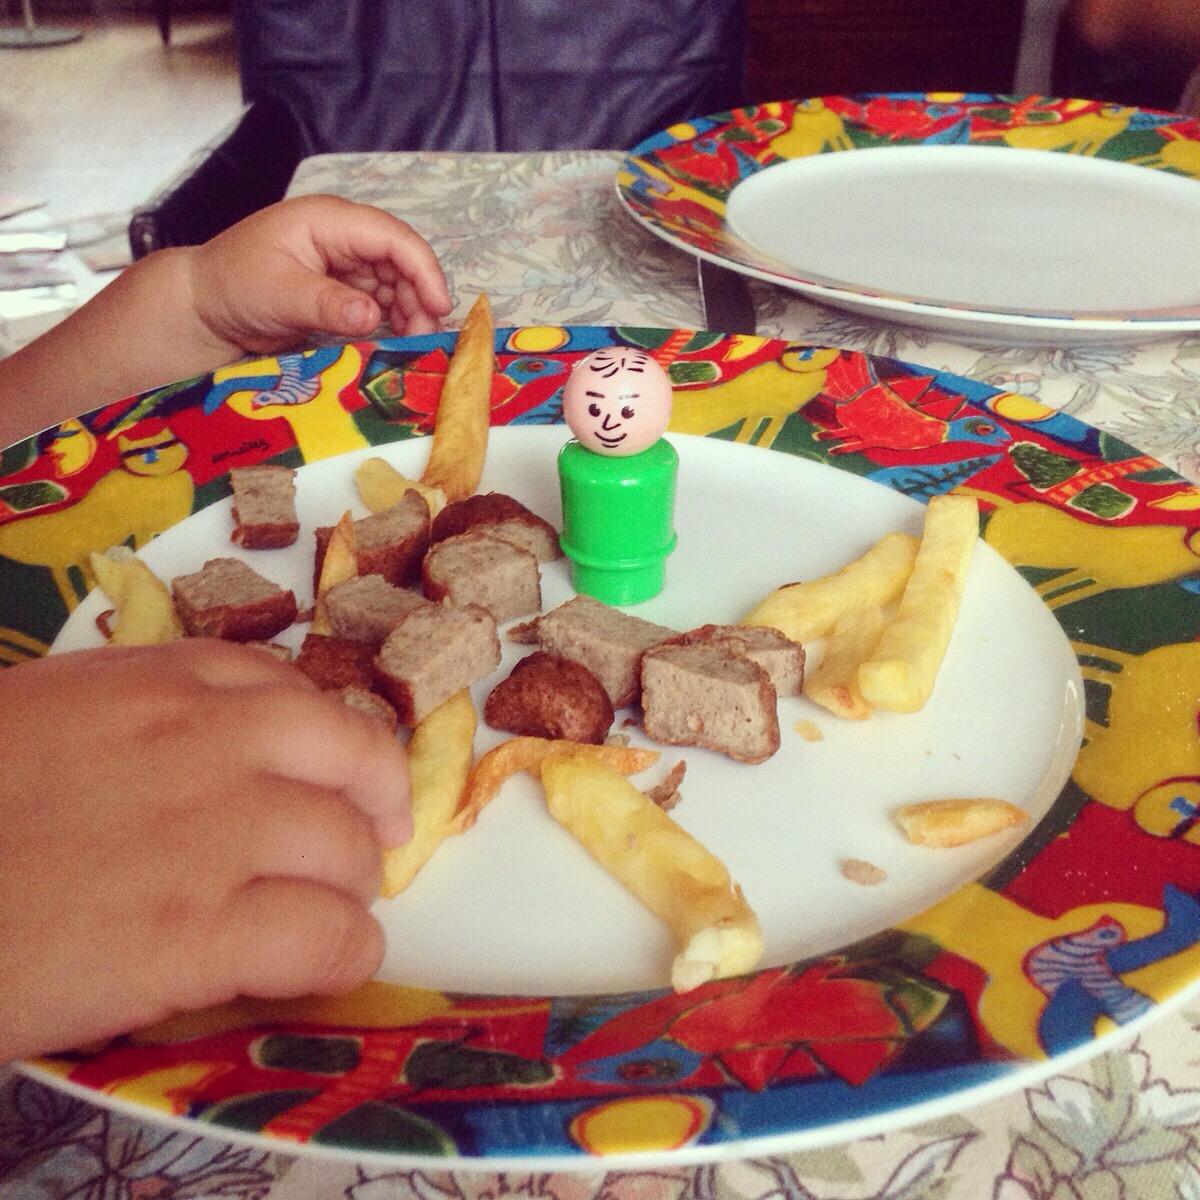 En dit was het eten van de kinderen. Ook lekker!